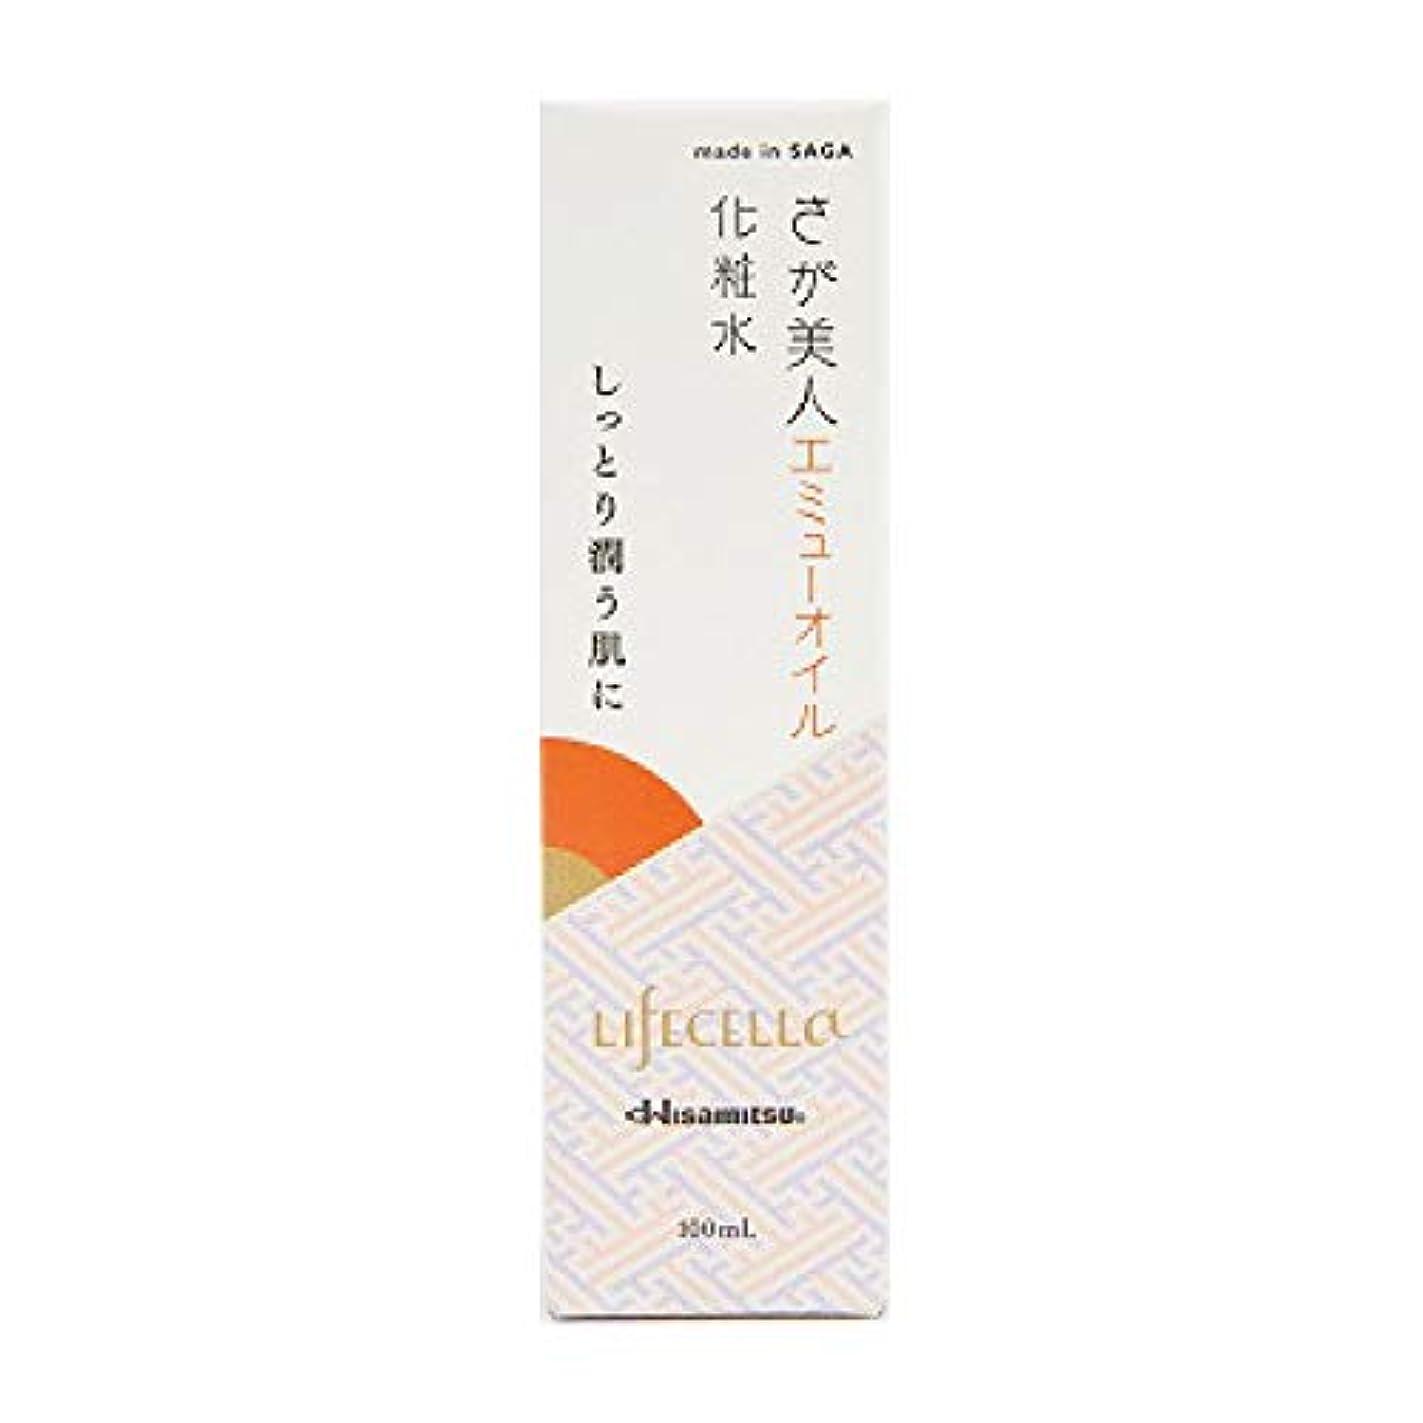 腐食するピック活性化するさが美人 化粧水 (エミュー) 久光製薬 ご当地 コスメ 保湿